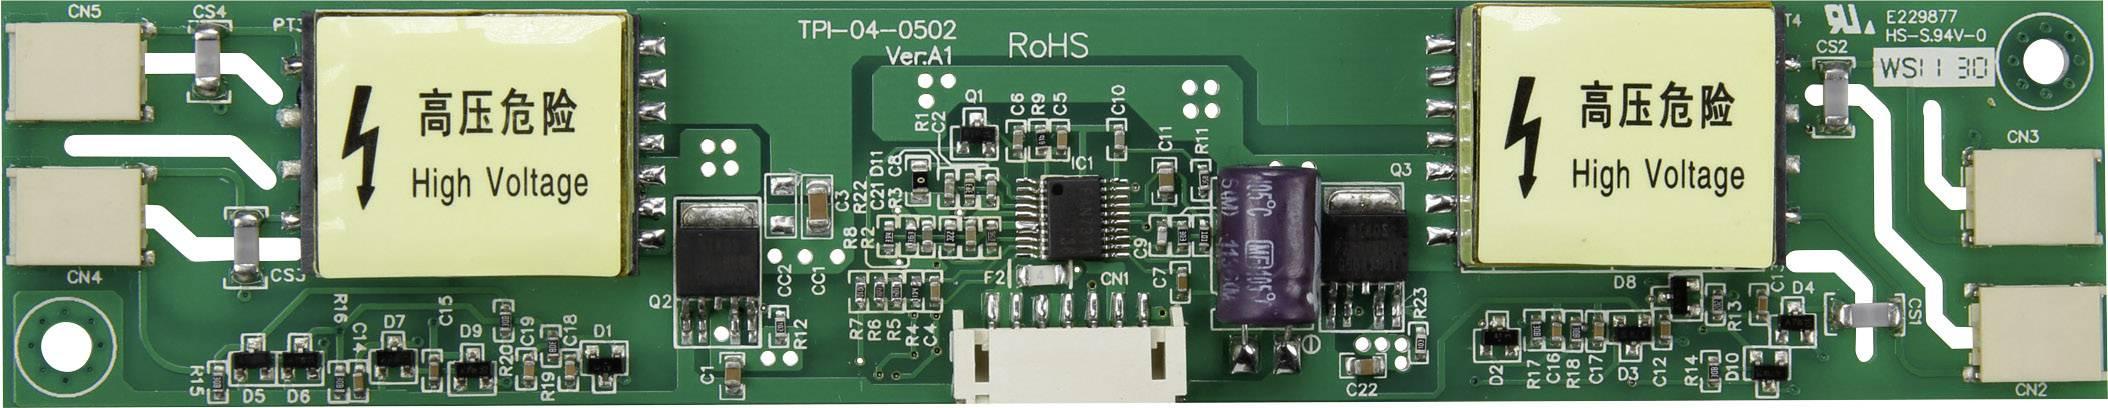 LCD invertor TPI-04-0502, vhodný pro CCFL podsvícení displeje, 12 V/DC, (d x š x v) 166 x 32 x 11 mm